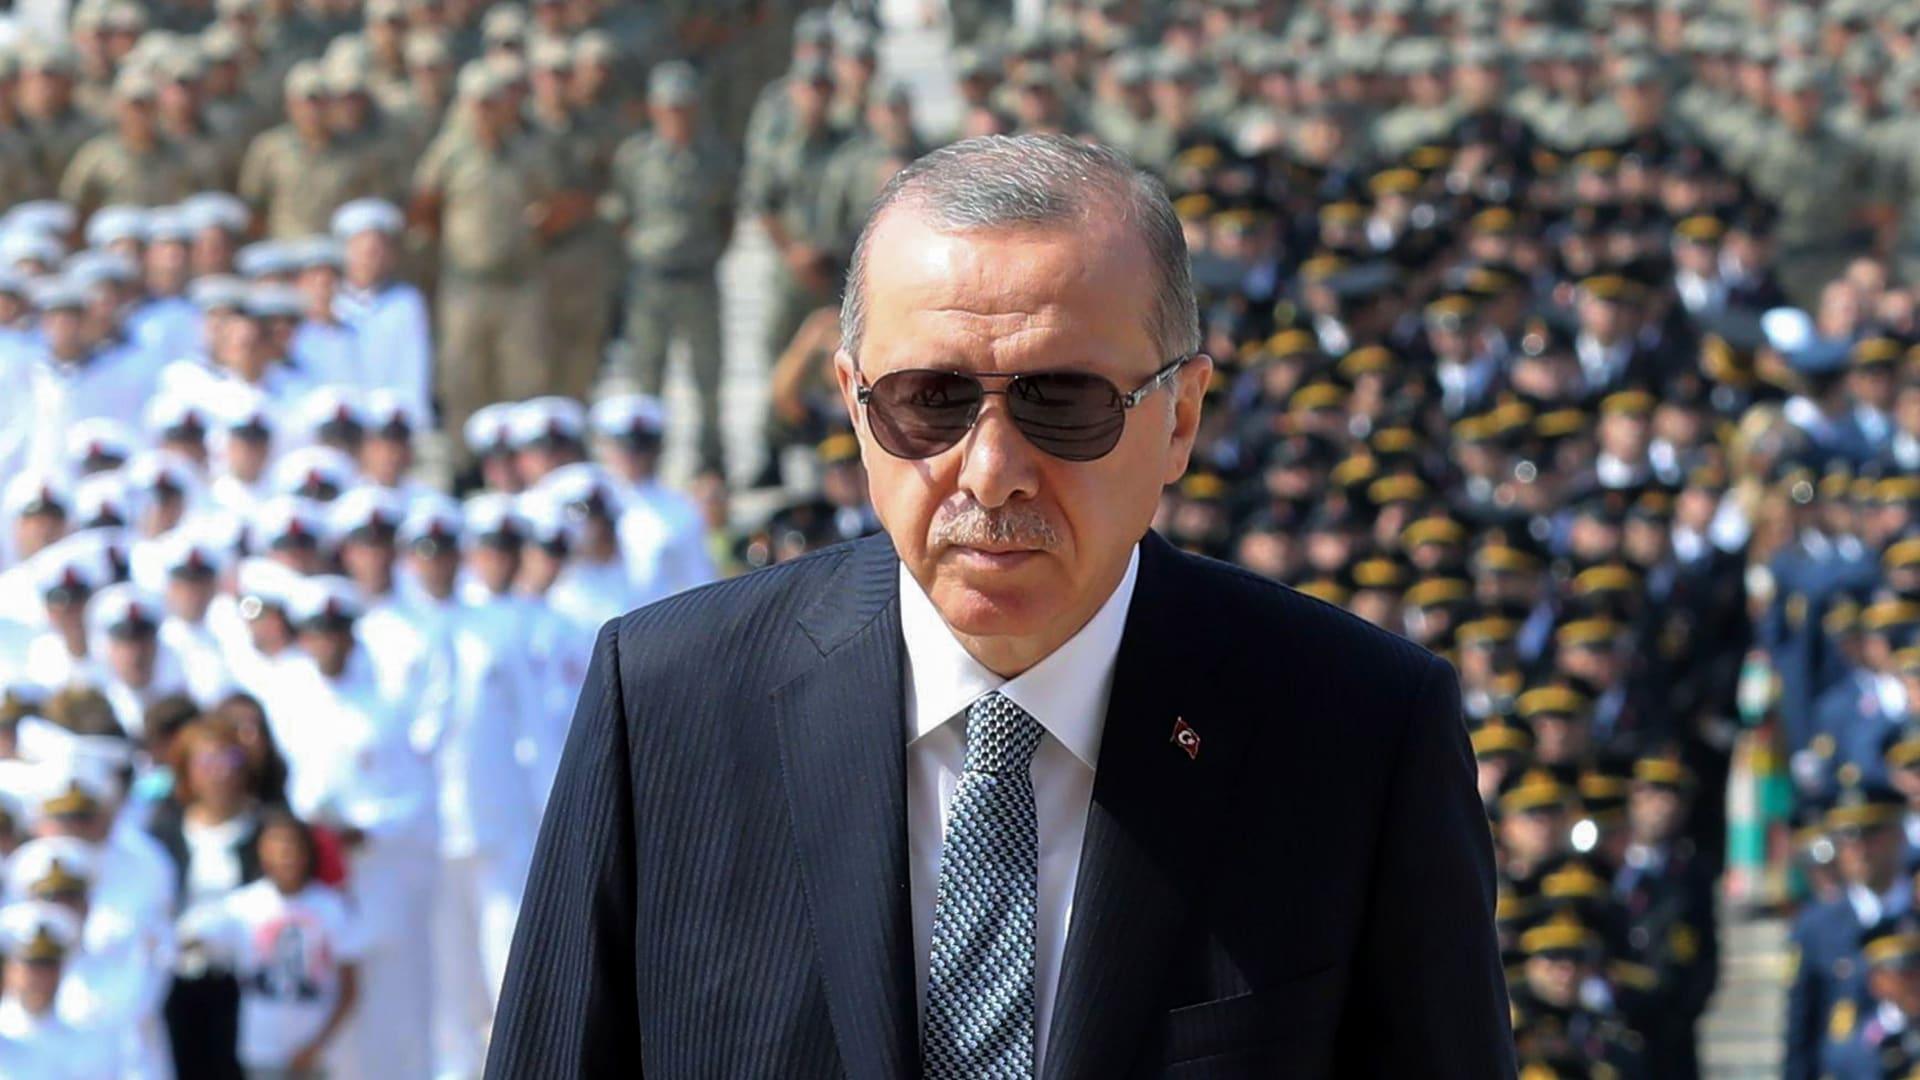 """أردوغان يلتقي السراج في """"ريتز كارلتون"""" ويطالب بالعودة للمسار السياسي في ليبيا باجتماع مع بوتين"""